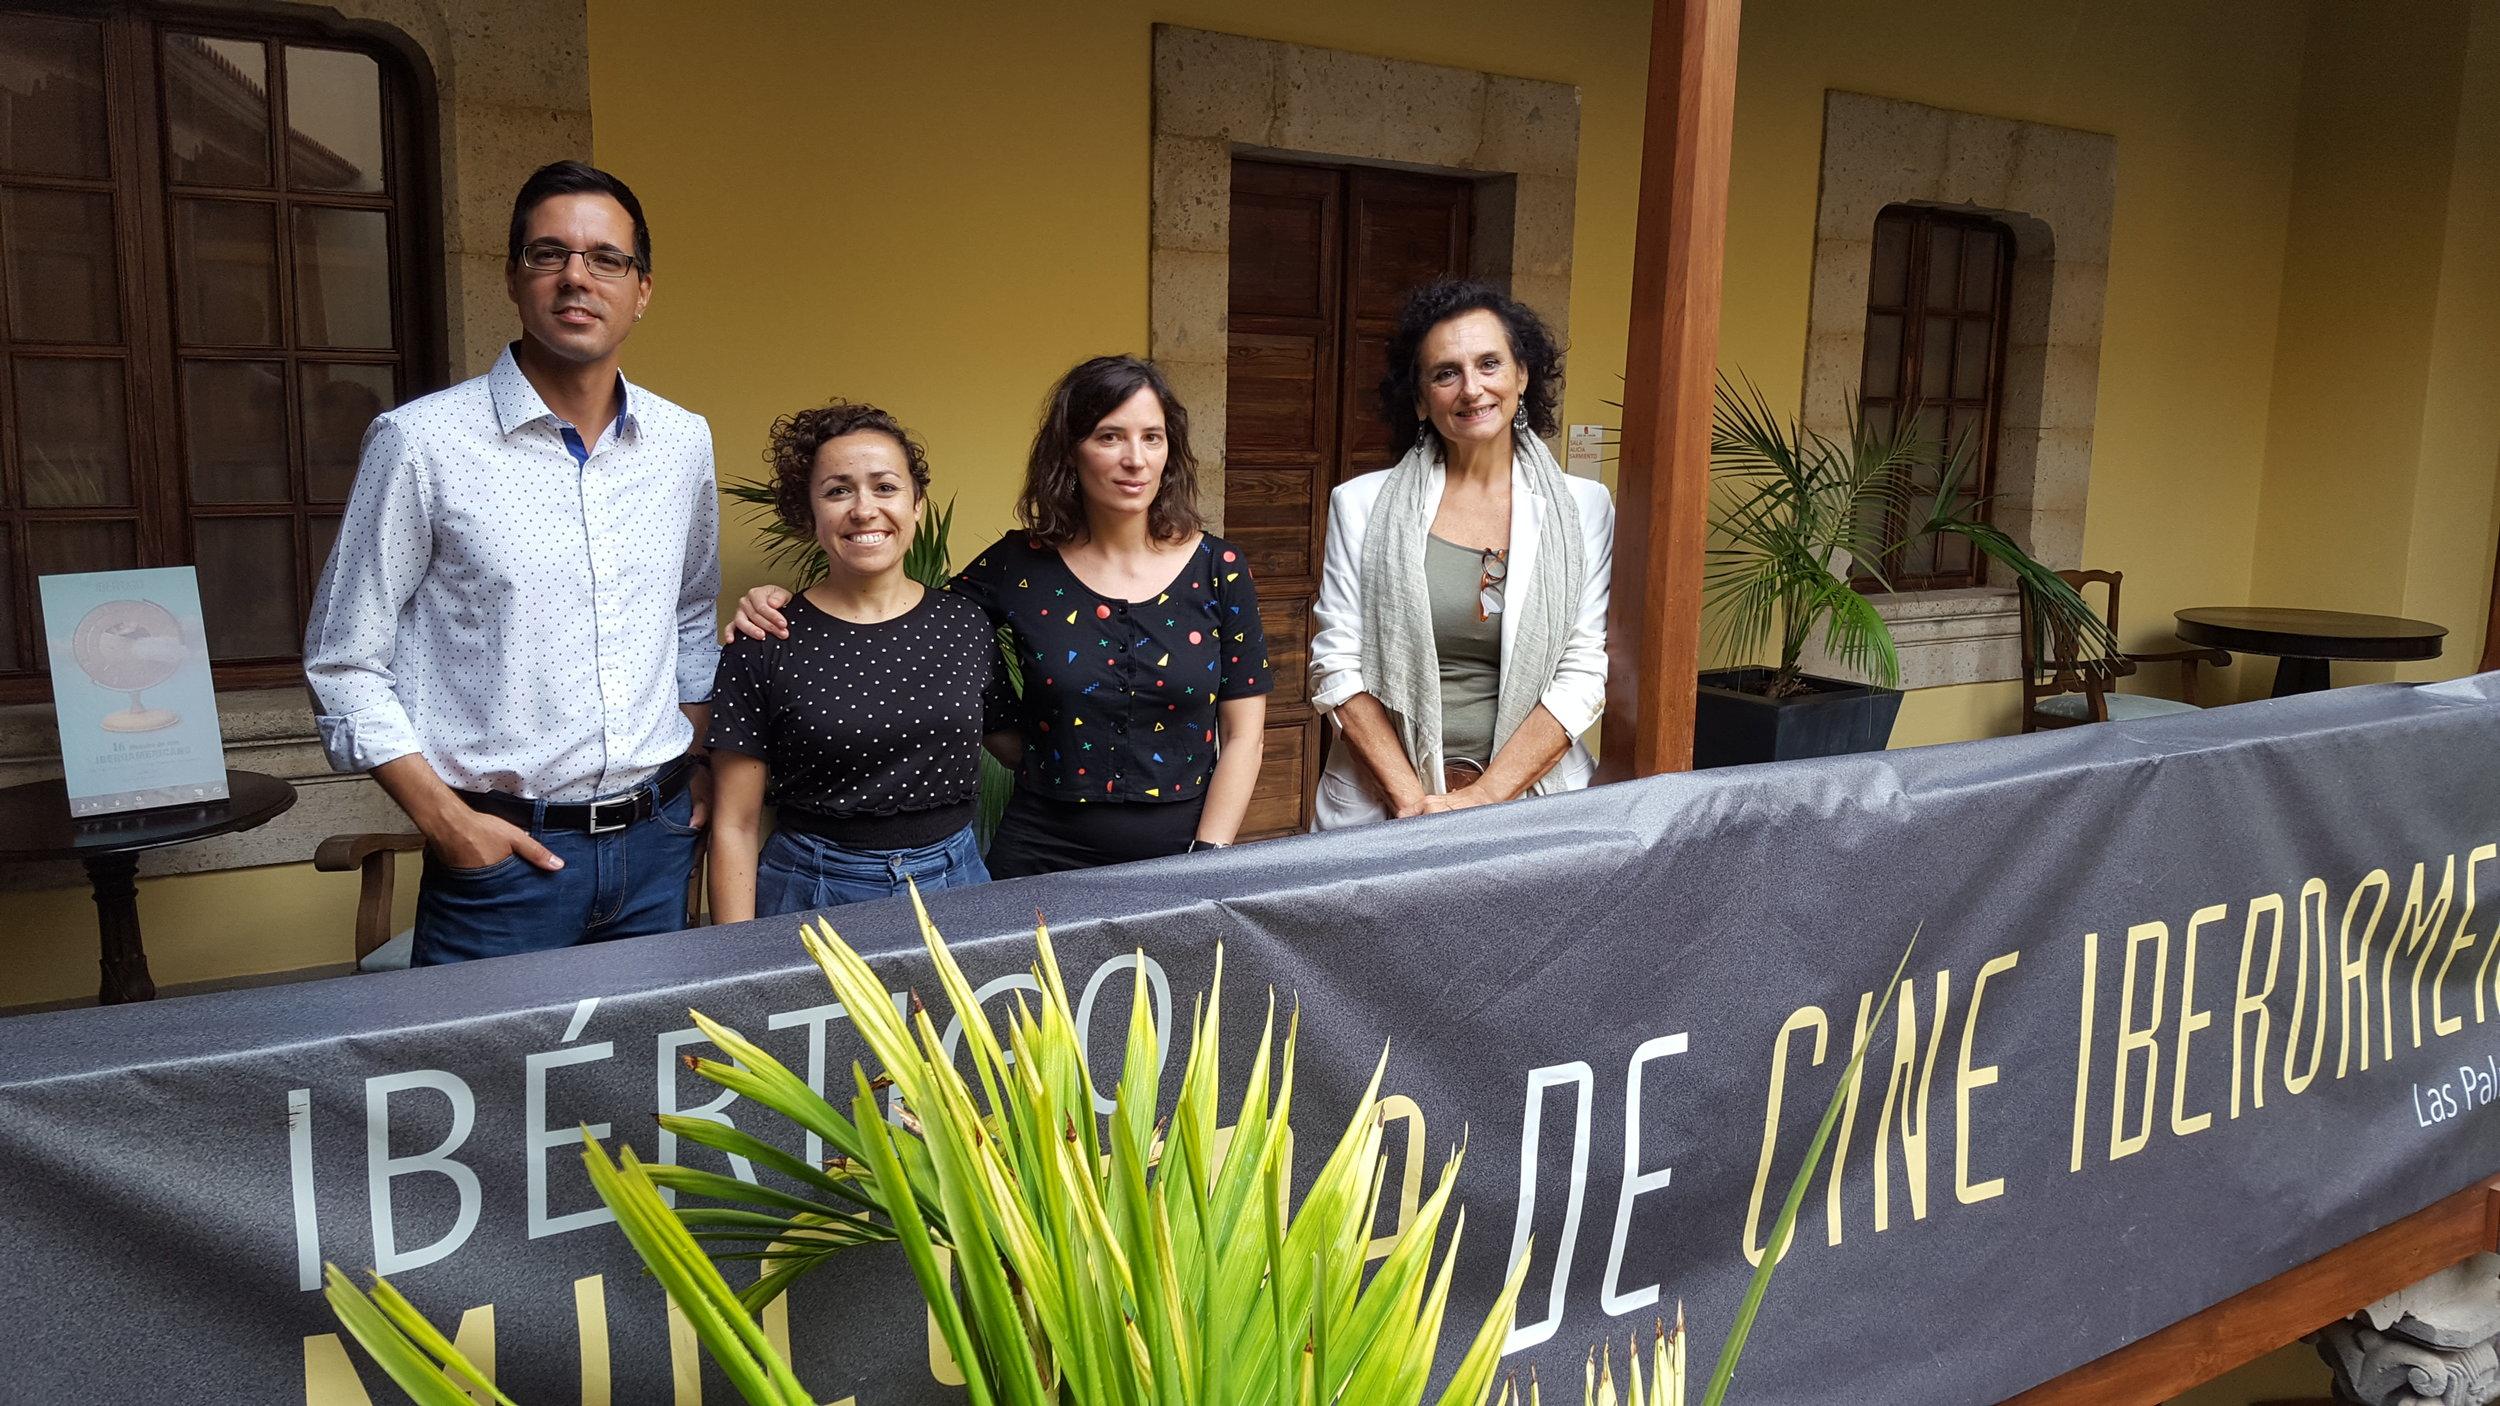 Foto final de familia con: Haliam Pérez, vicepresidente de la Asociación de cineastas de Canarias Microclima, Sara Álvarez, integrante de la Asociación de cine Vértigo, la cineasta Milagros Mumenthaler, y Elena Acosta, directora de la Casa de Colón.